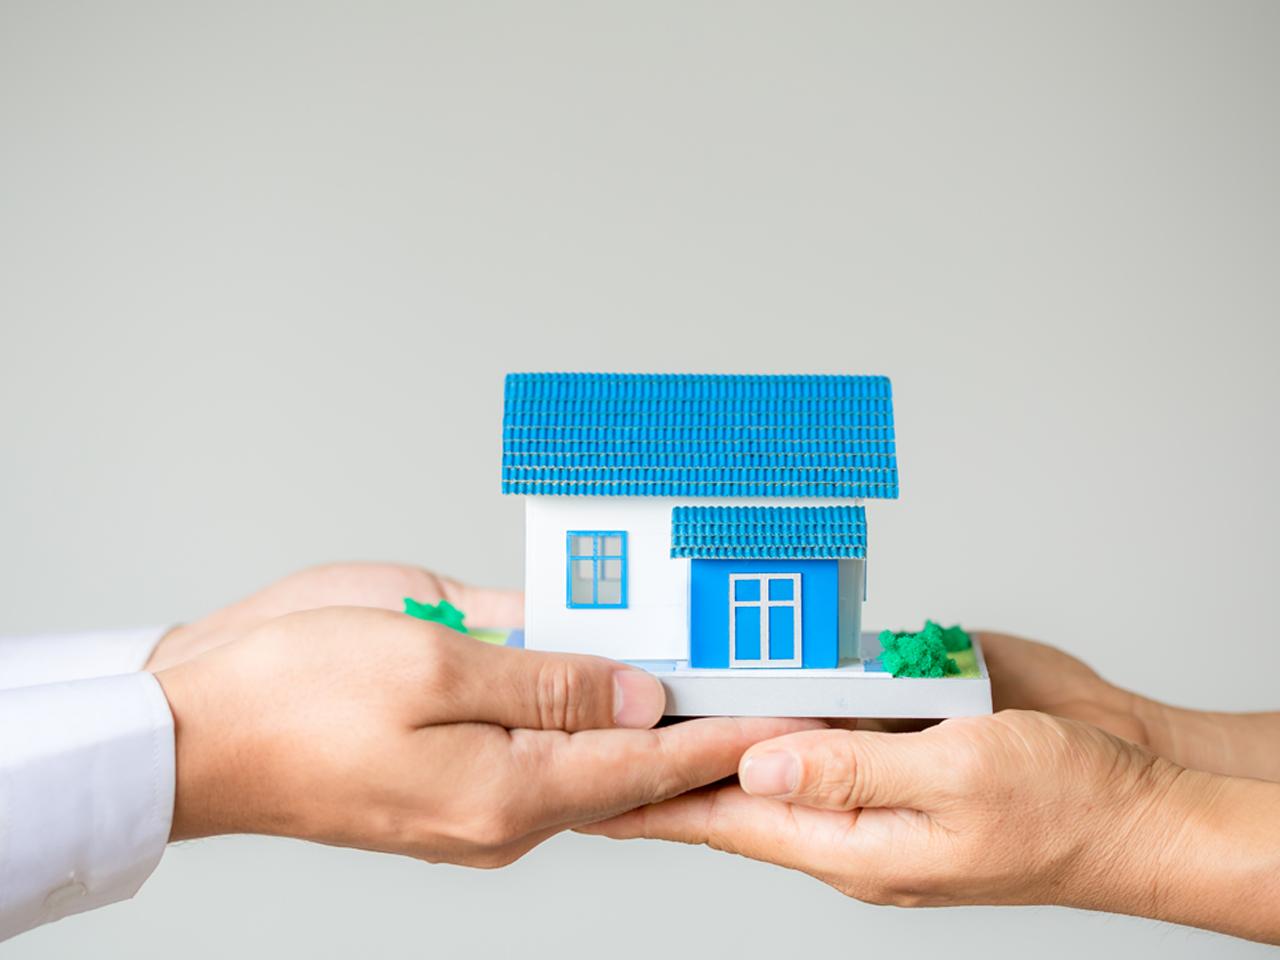 mãos segurando maquete de casa, representando feirão digital da casa própria